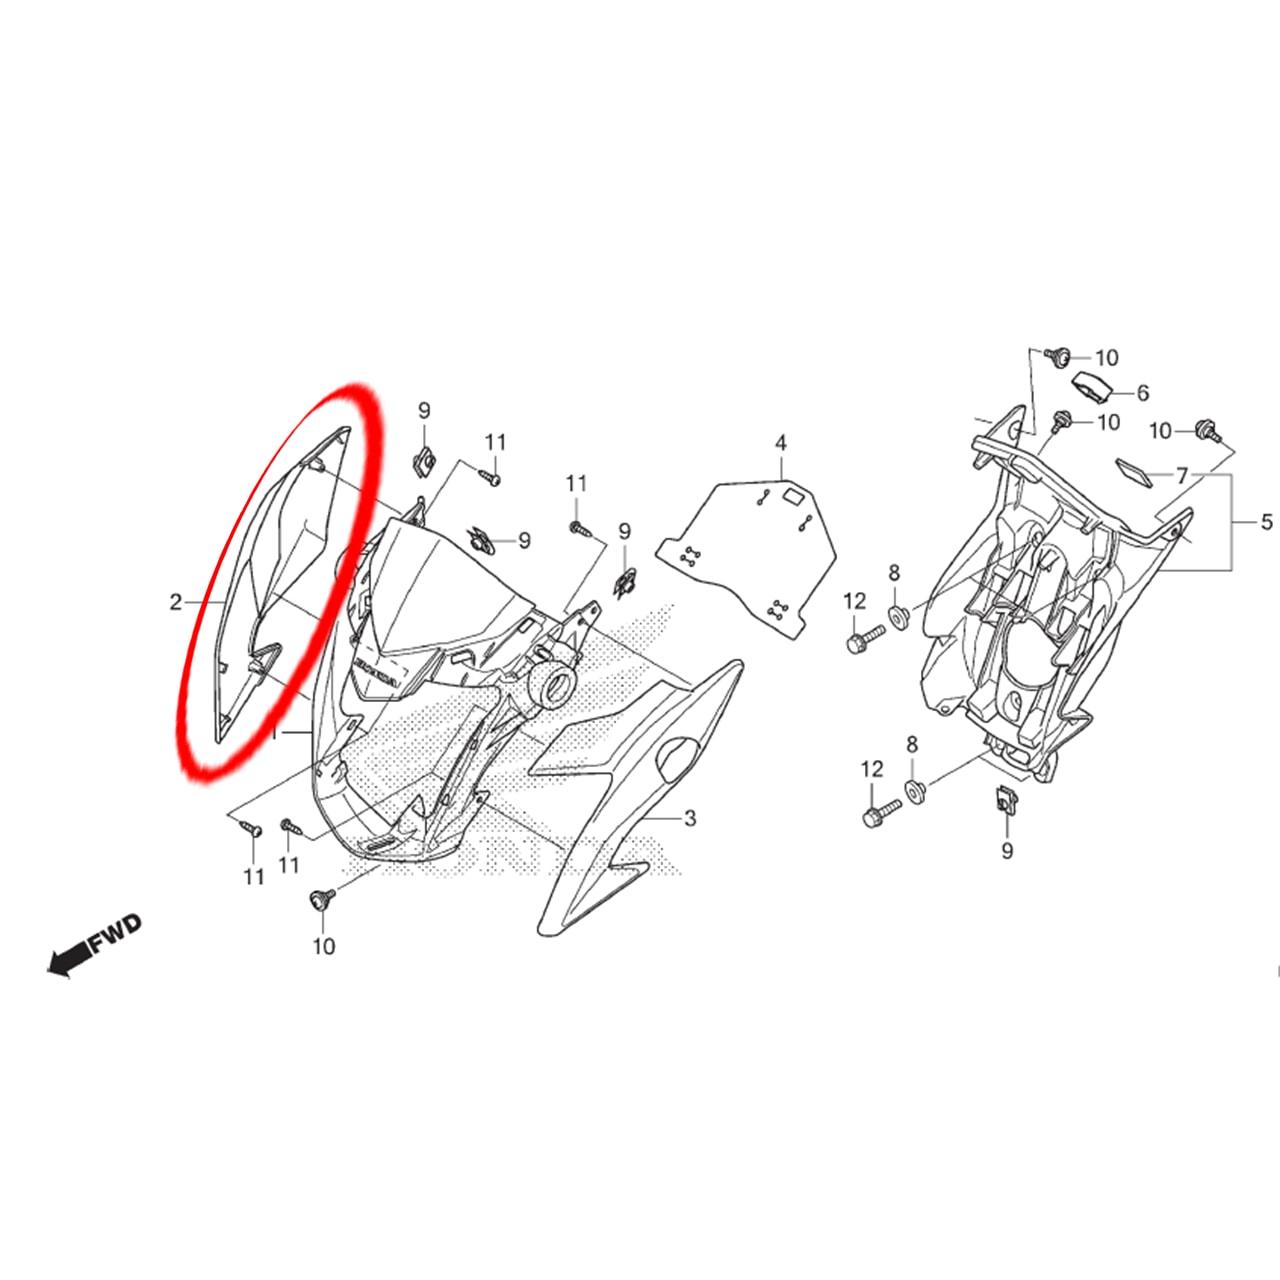 Carenagem Direita Farol Prata Cg 160 Titan Ex 2019 Original Honda 61302KVSJ20ZF